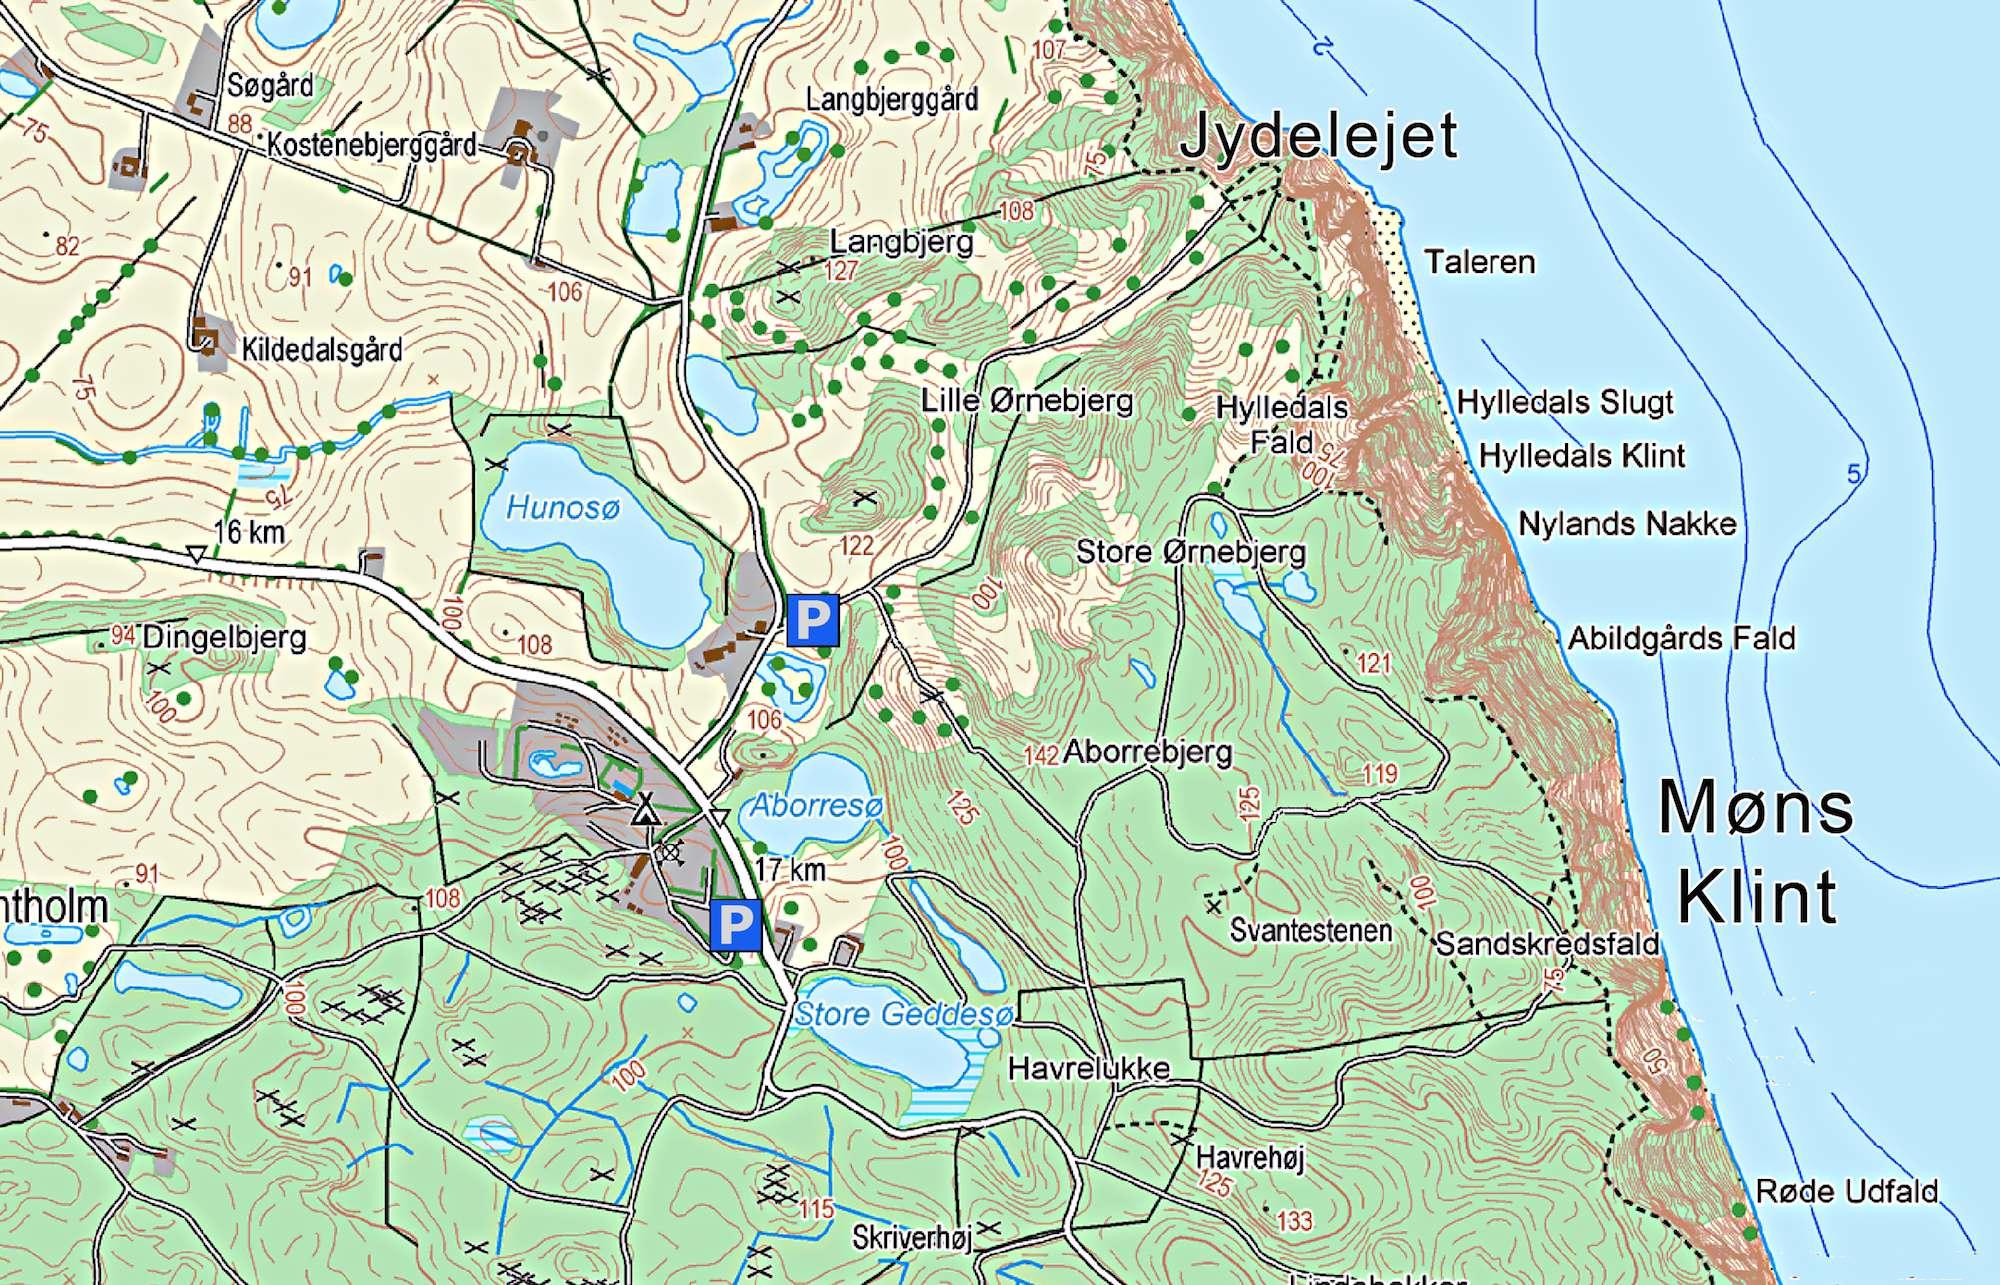 Jydelejet Graesland Ved Mons Klint Fotoserie